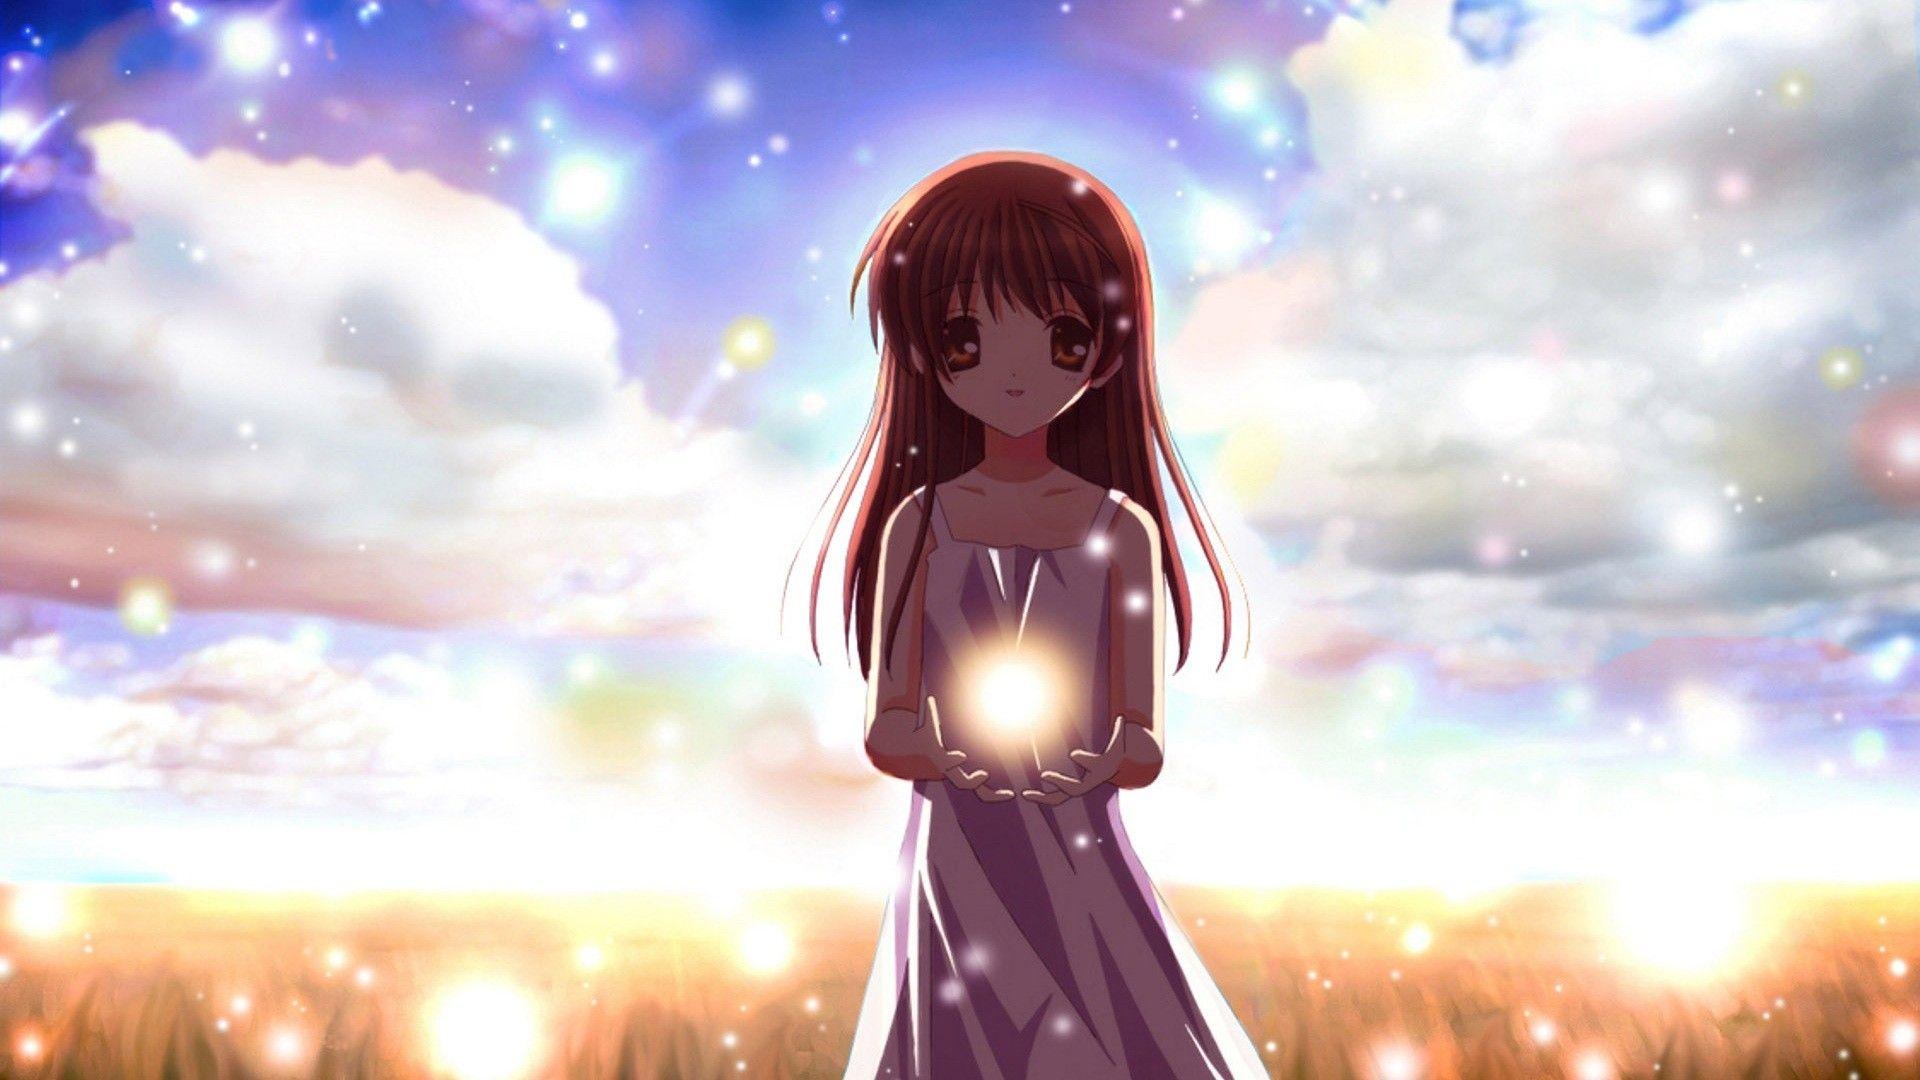 Cute Cartoon Girl Images